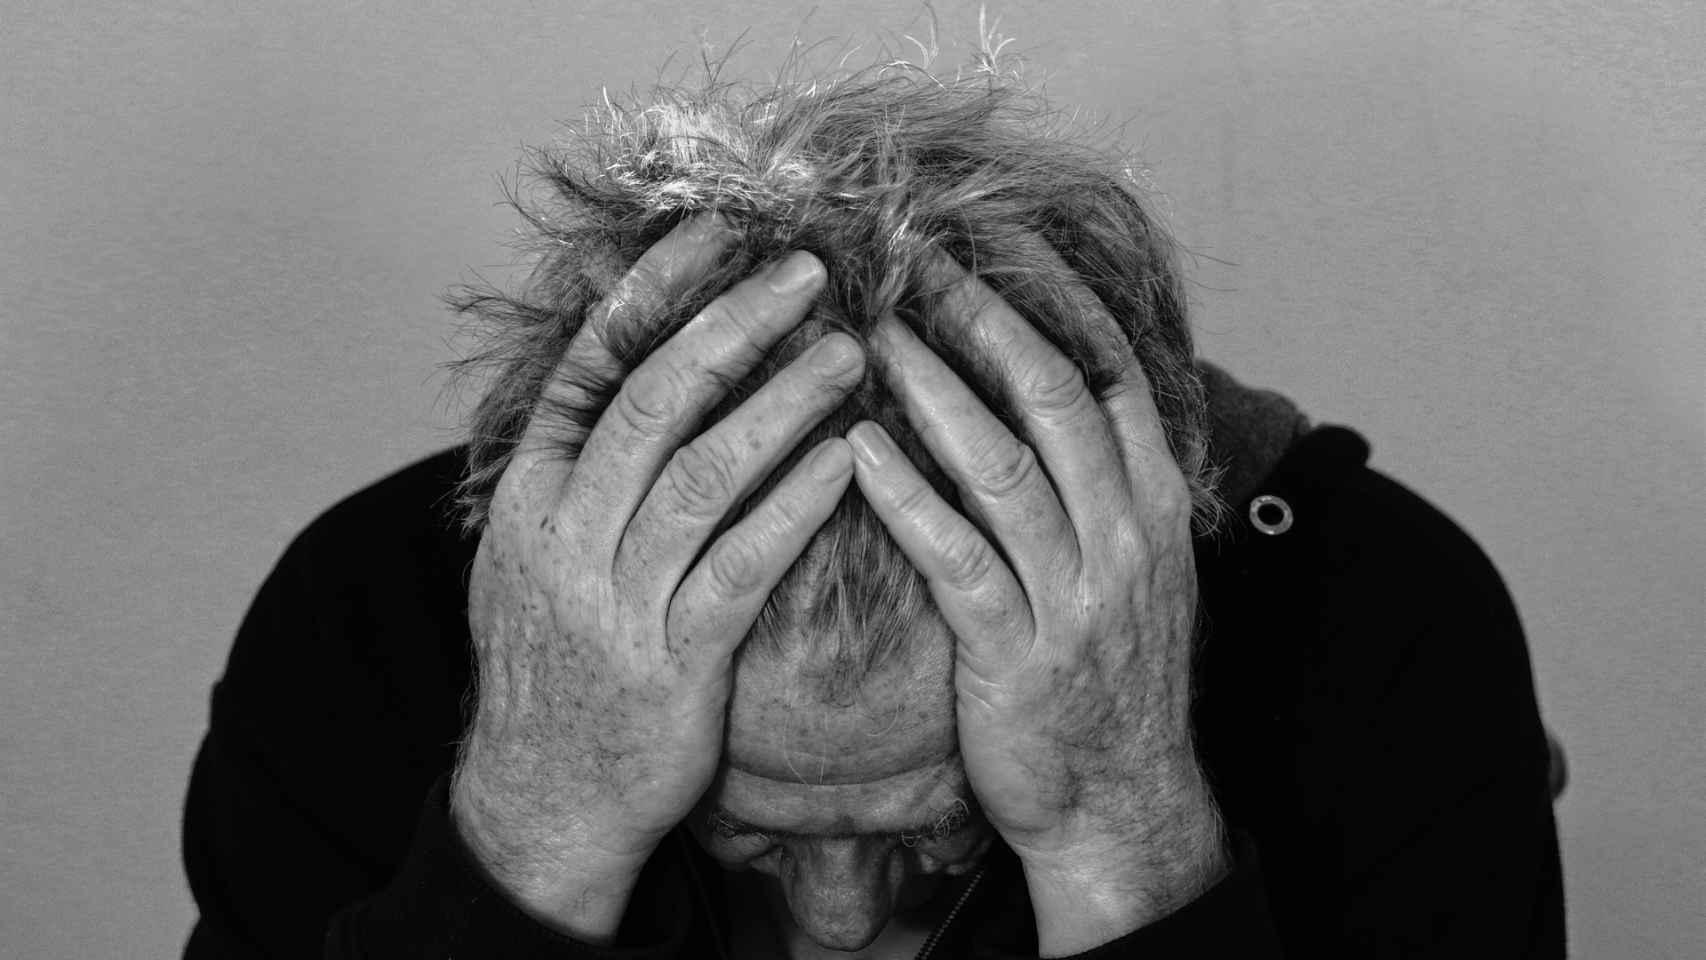 La psiquiatría se ocupa de los trastornos mentales.